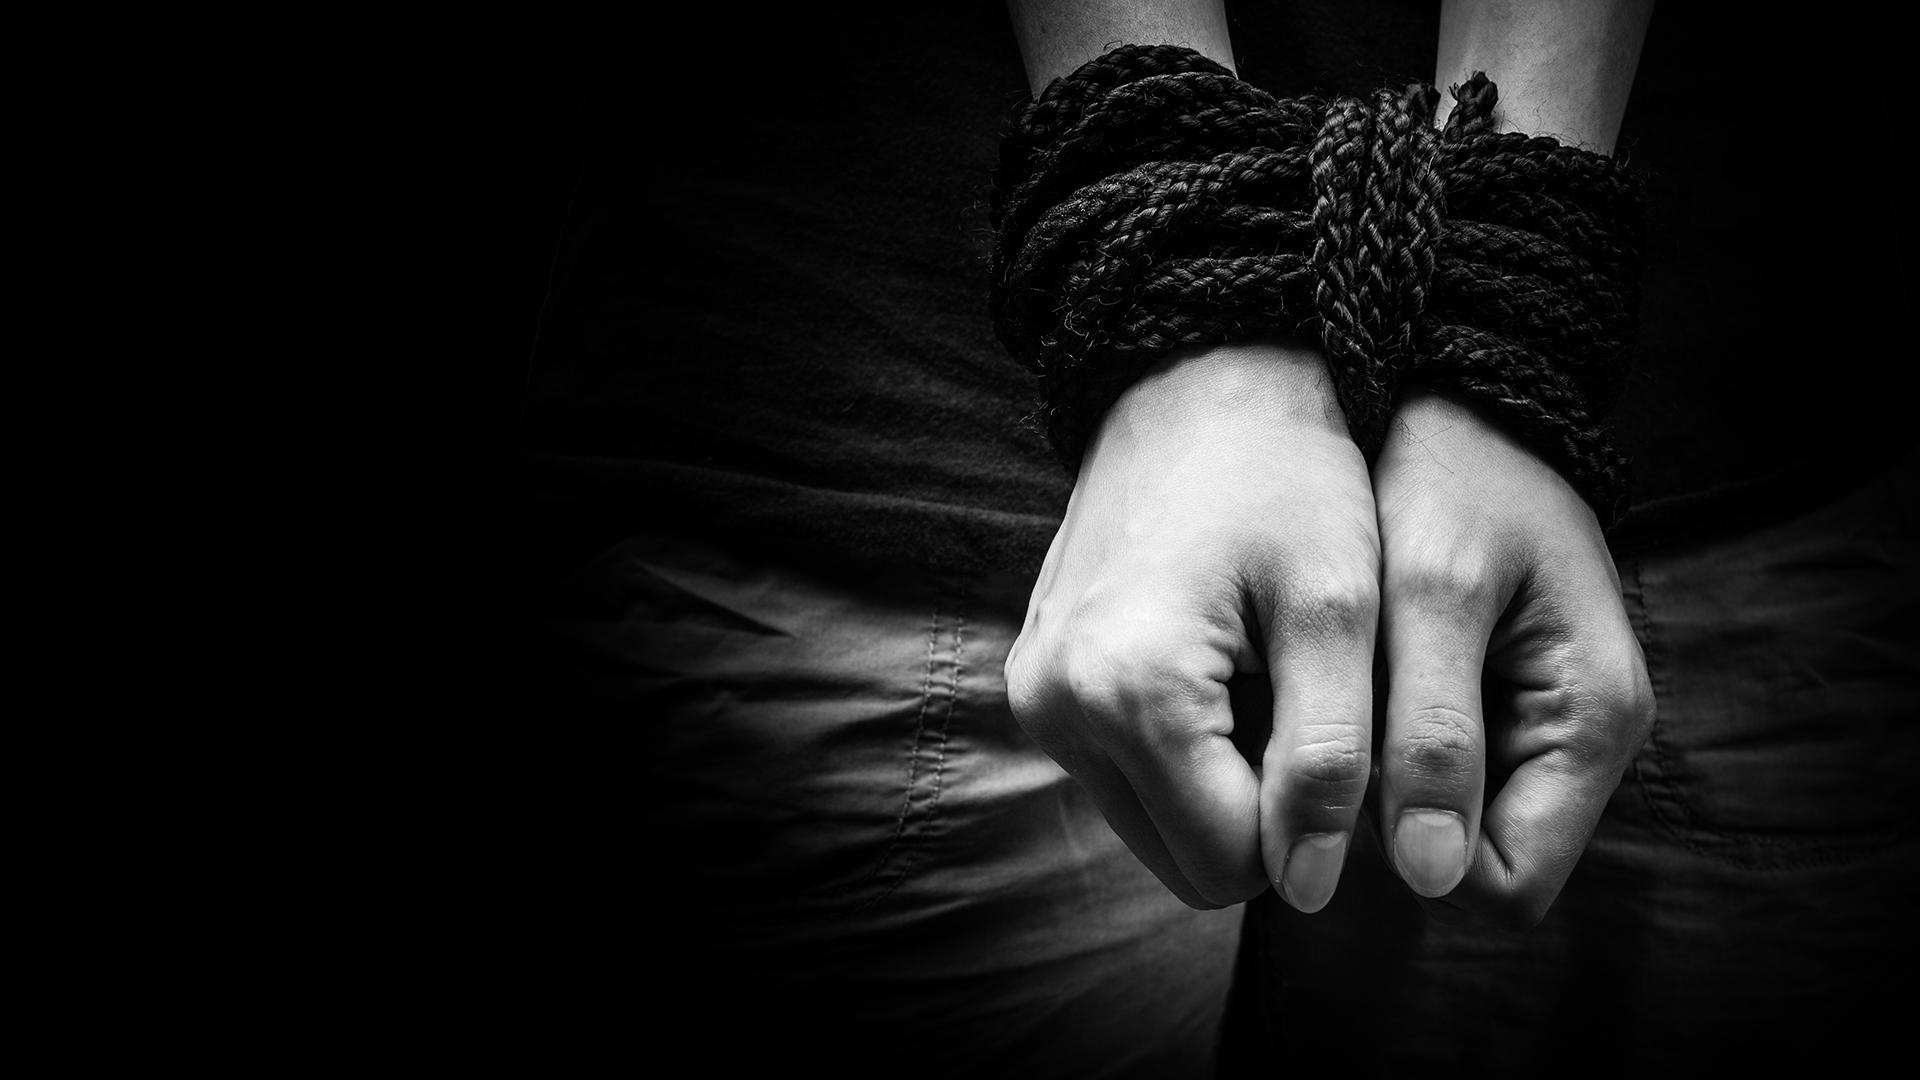 Toluca y CNDH suman esfuerzos para prevenir trata de personas